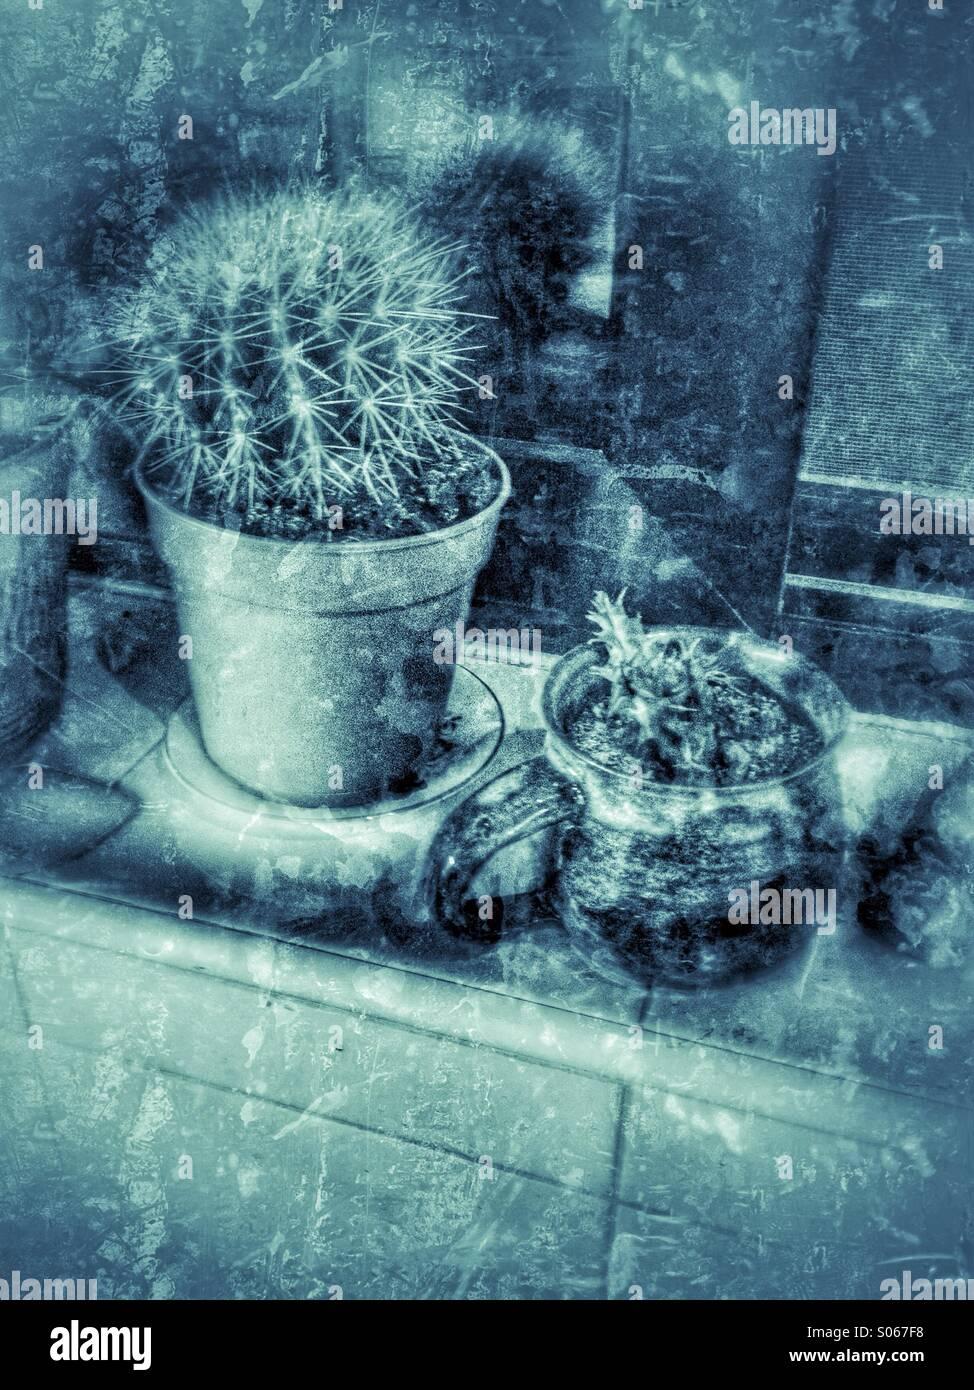 Cactus cuisine sur un rebord de fenêtre Photo Stock